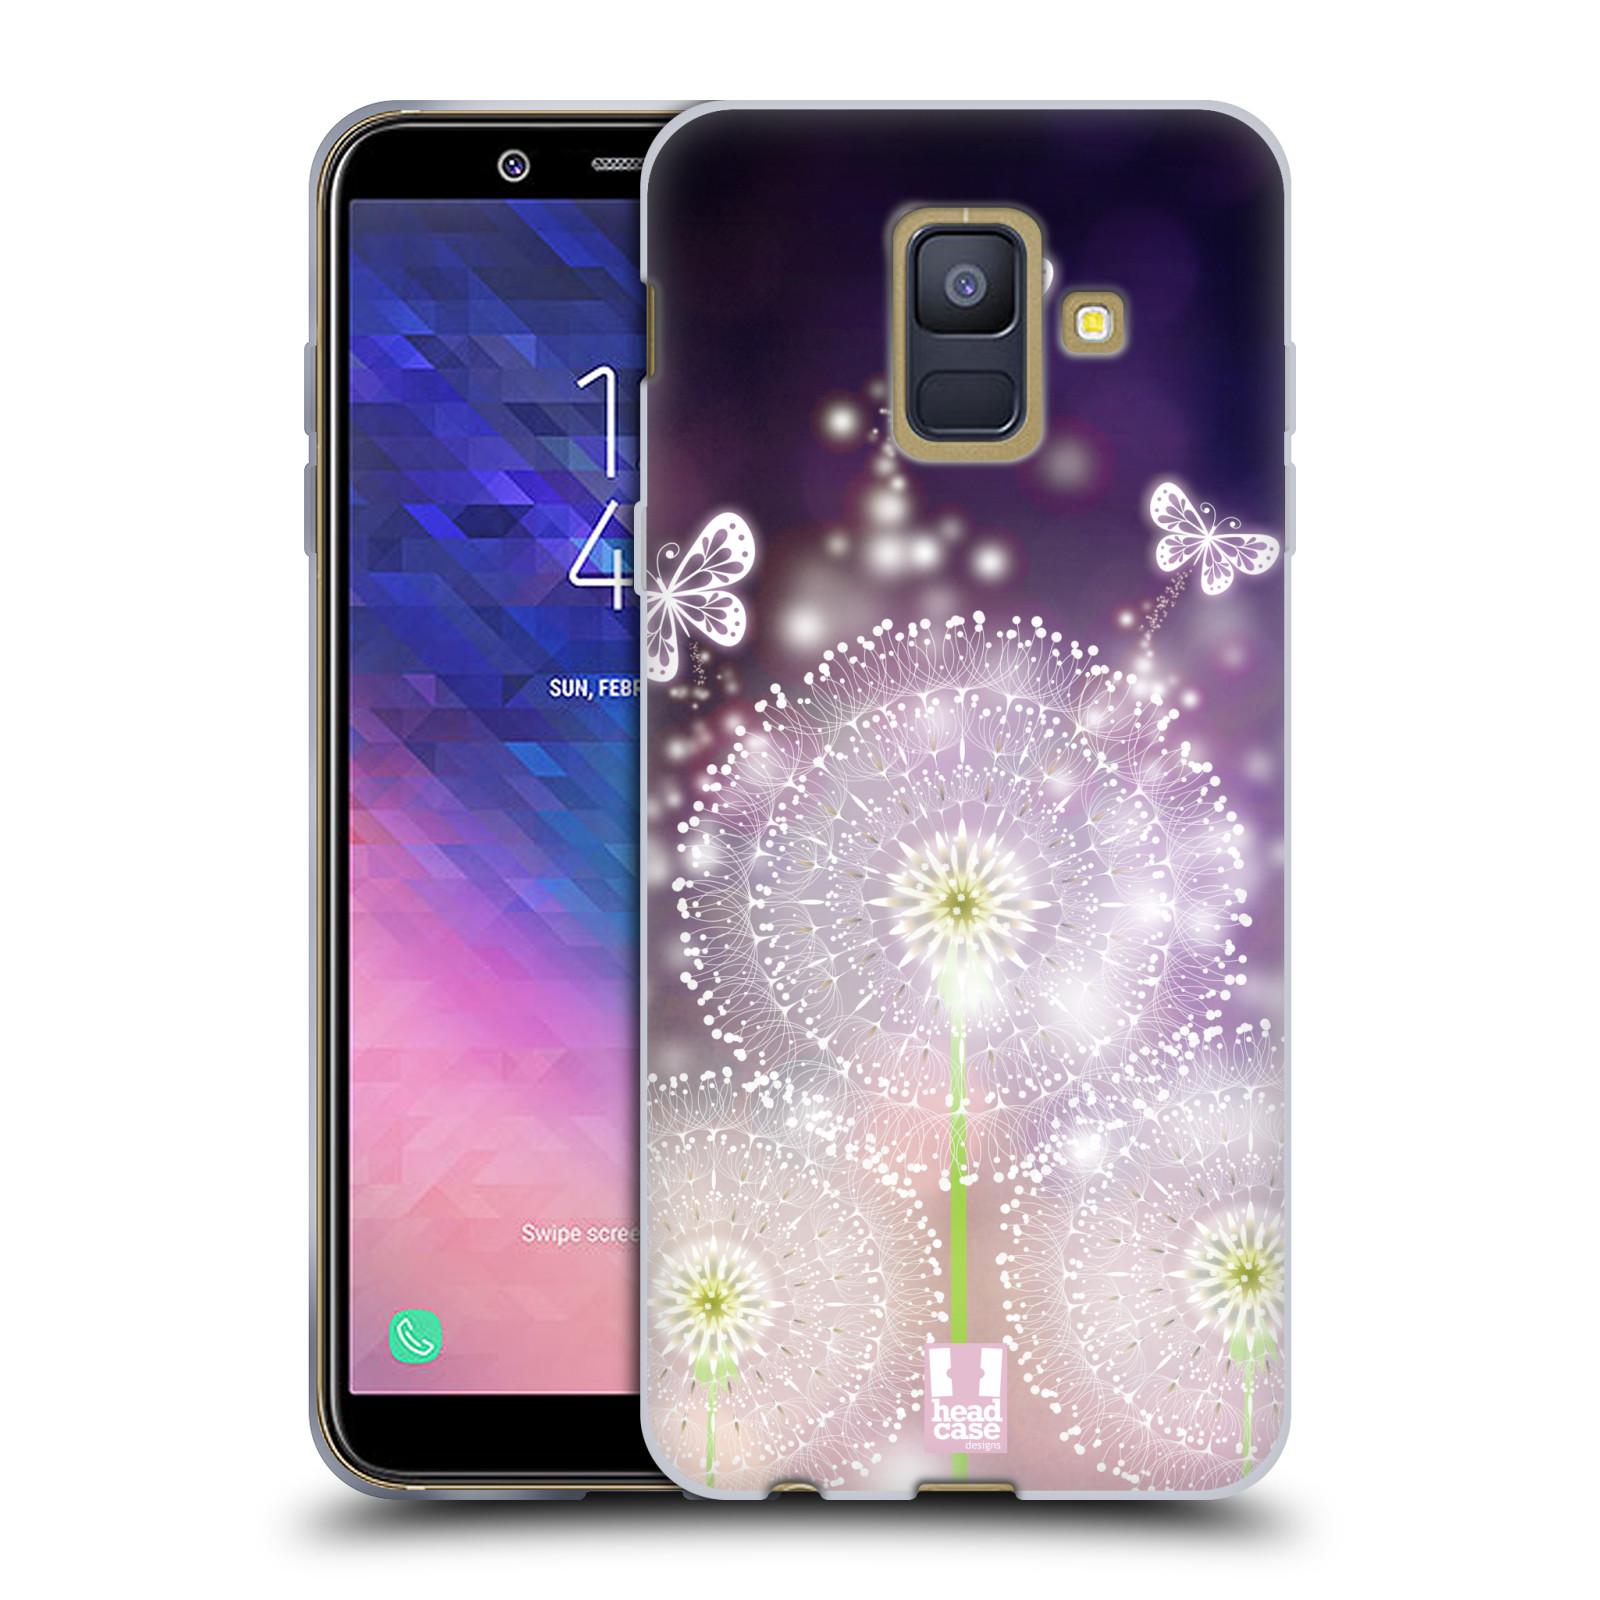 Silikonové pouzdro na mobil Samsung Galaxy A6 (2018) - Head Case - Pampelišky a Motýlci